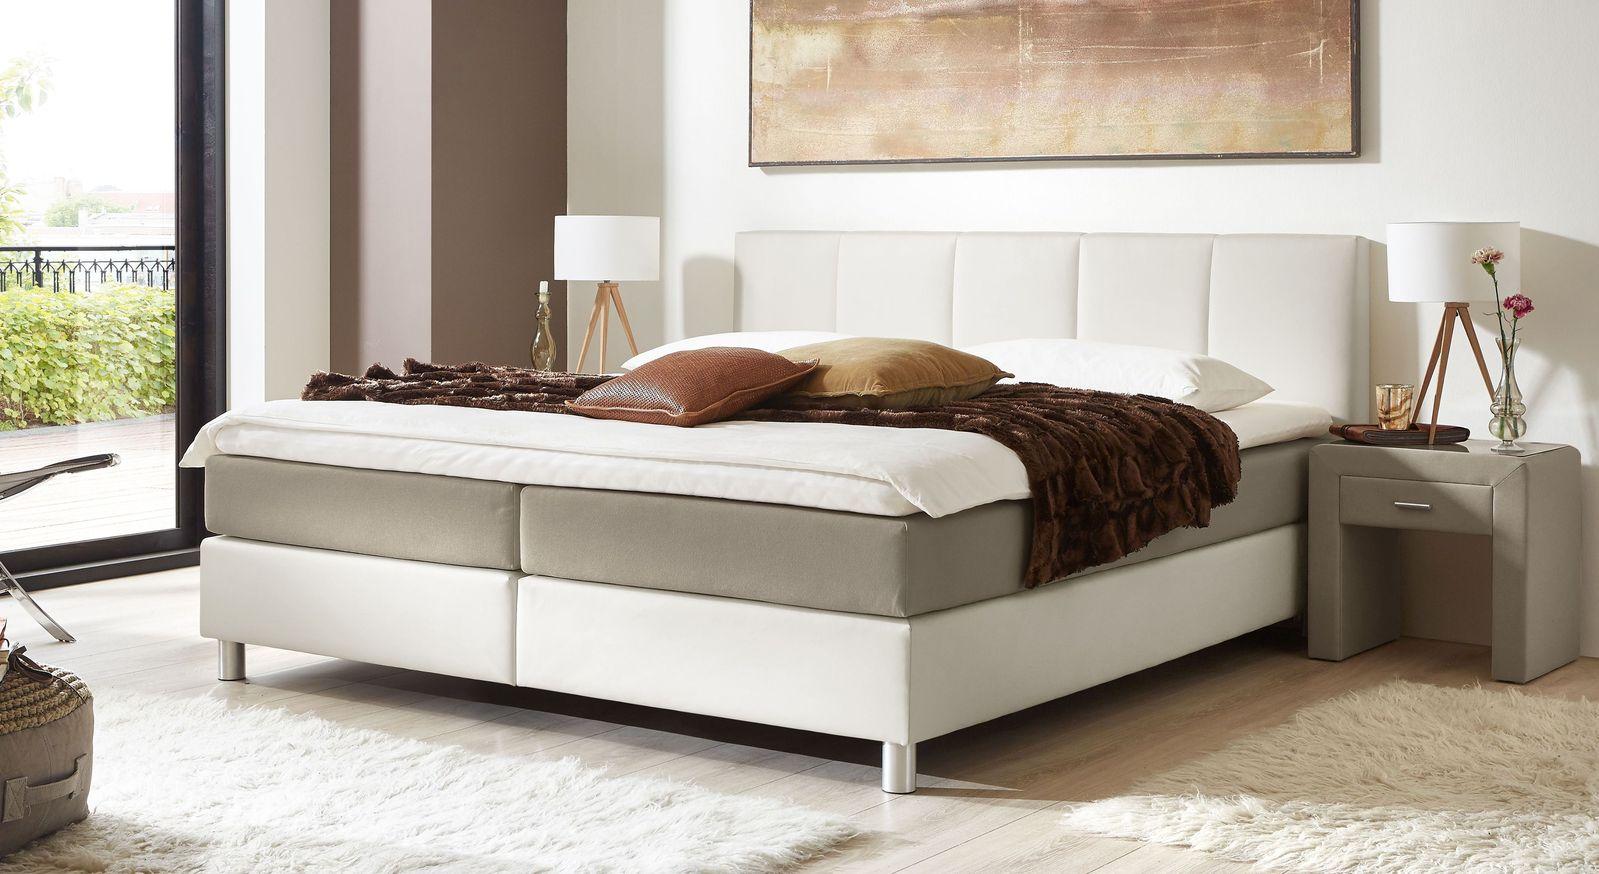 53 cm hohes Boxspringbett Greenwood aus weißem Kunstleder und taupefarbenem Stoff